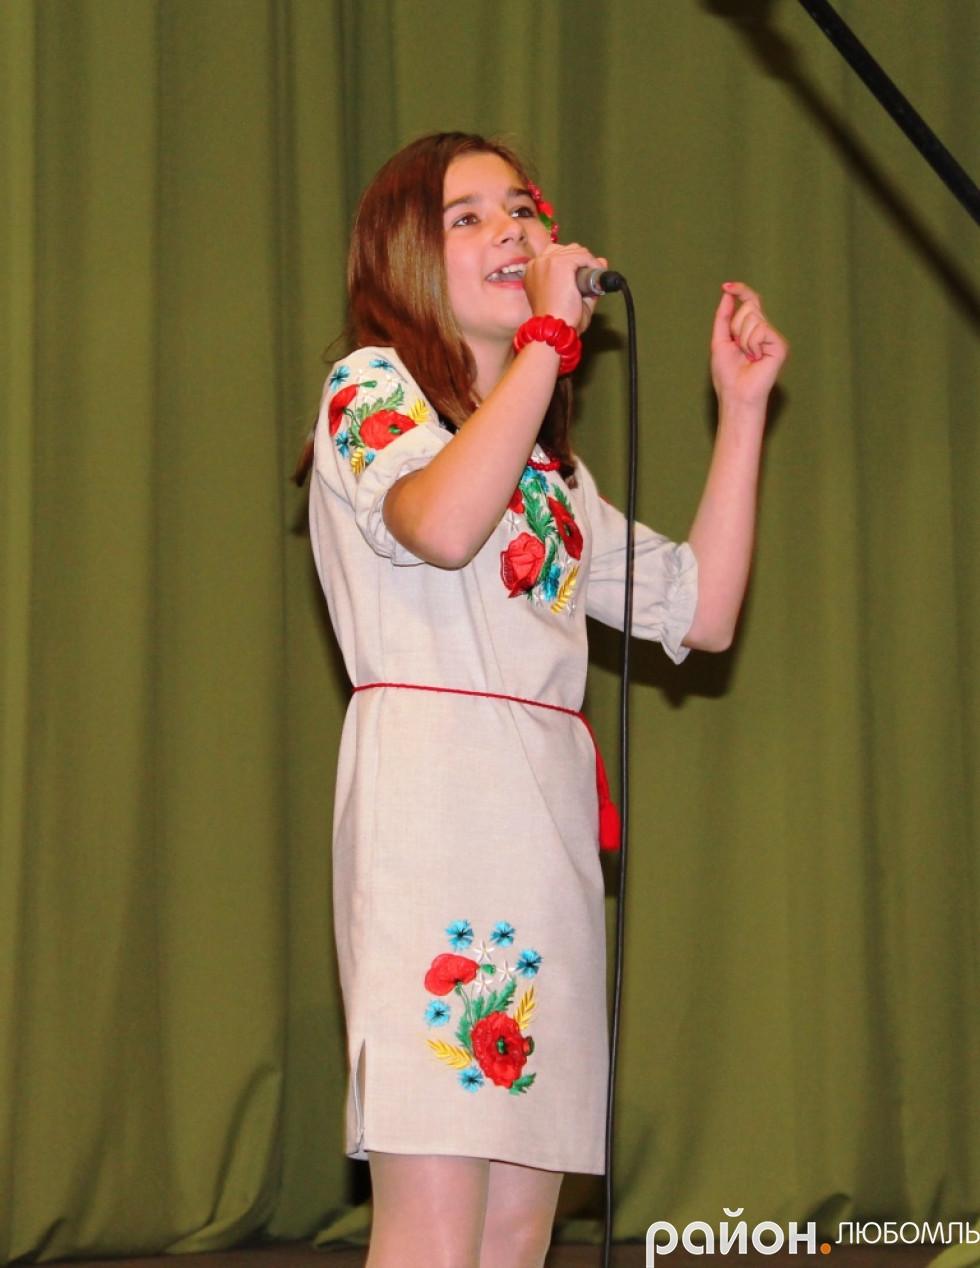 Вікторія Цегельна (Рівненська ОТГ)